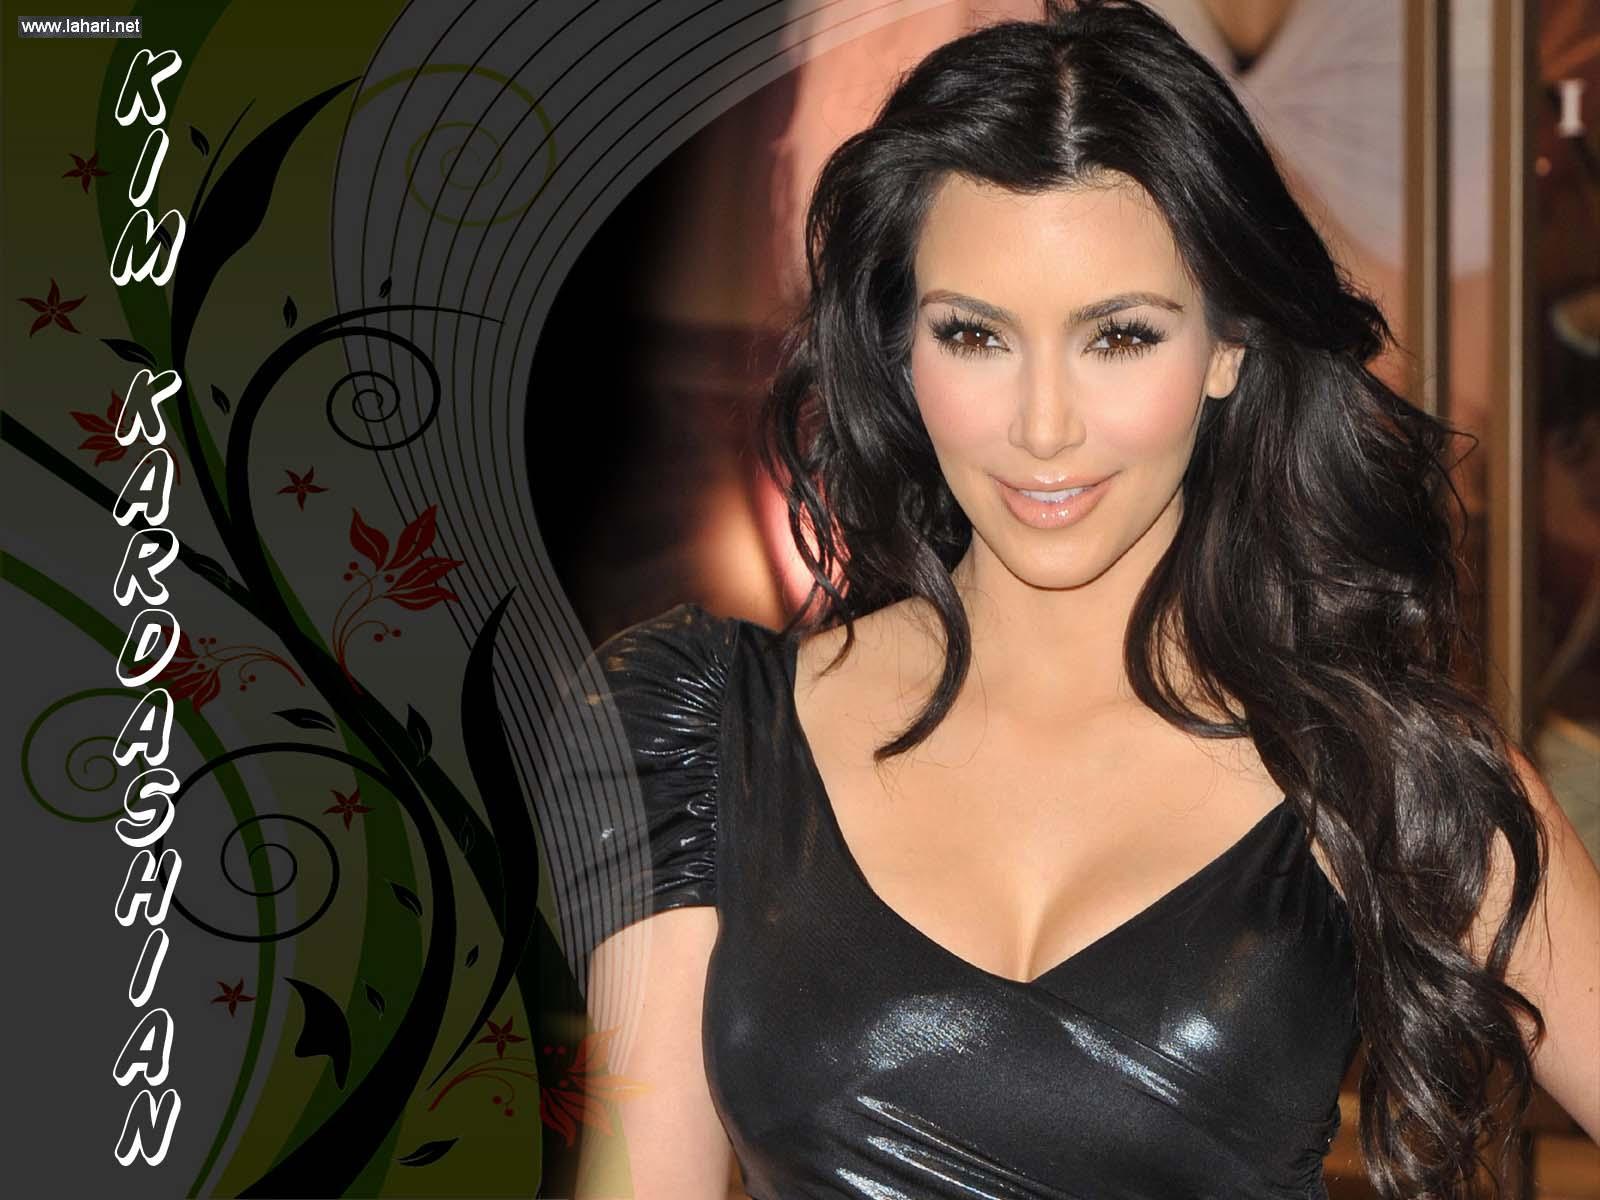 HD WALLPAPERS Kim Kardashian Hot HD wallpapers 1600x1200